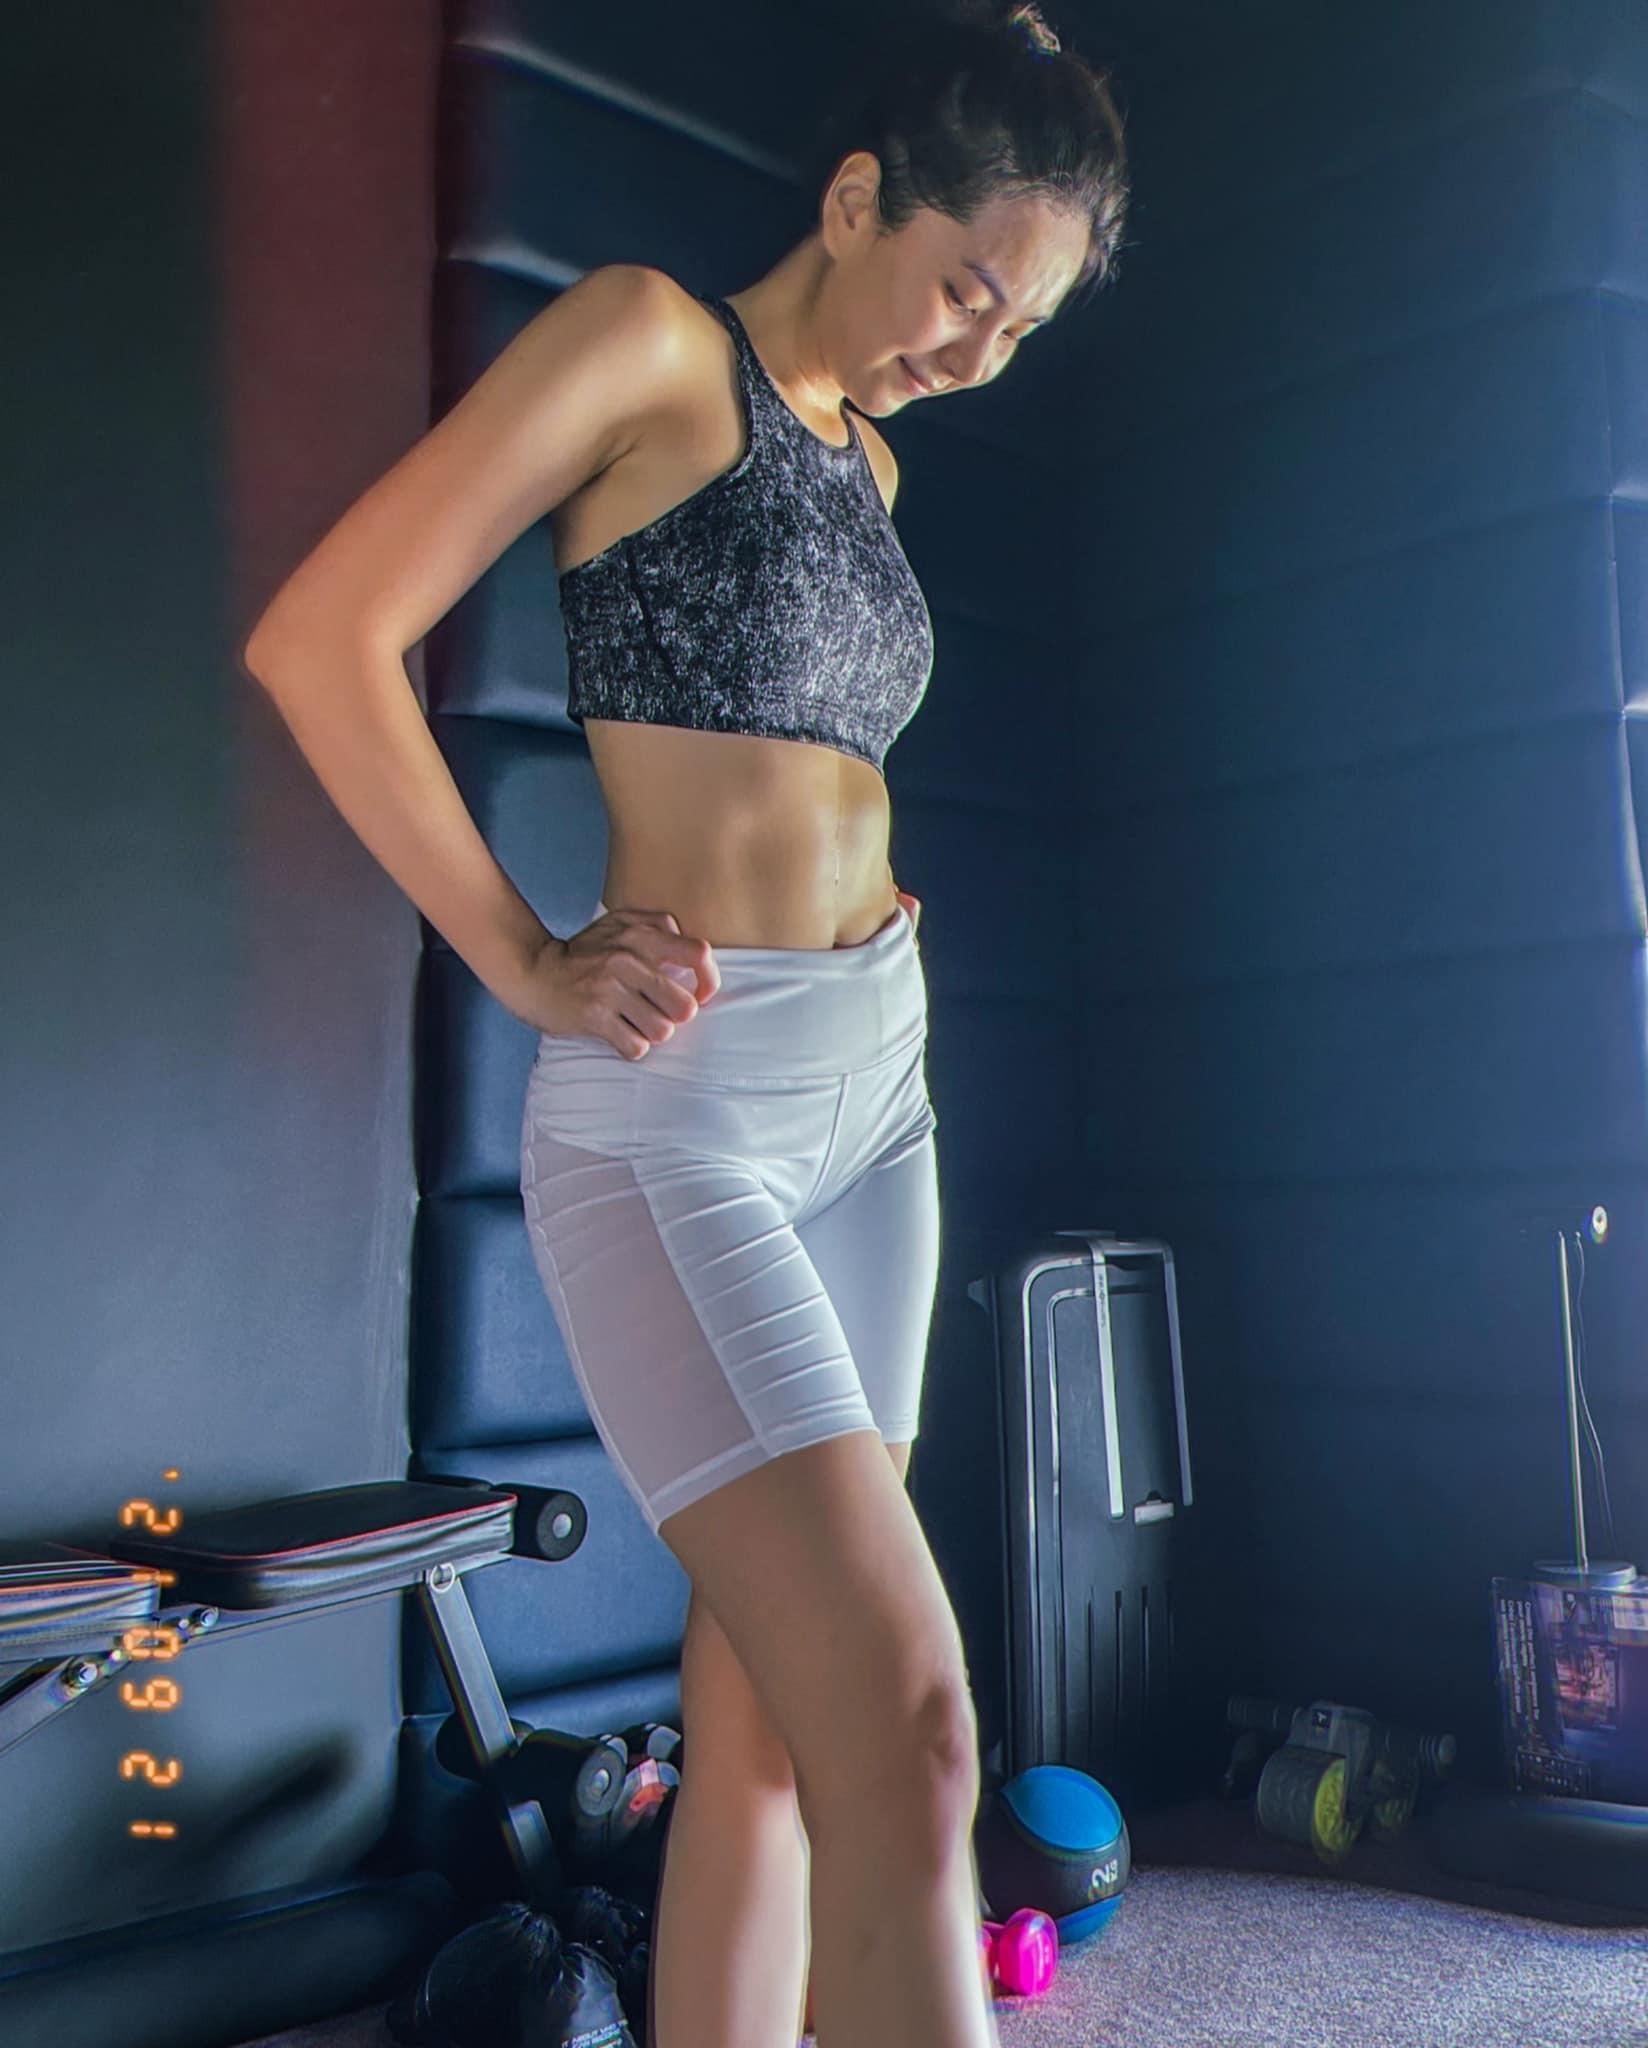 BTV Mai Ngọc giảm 6 kg trong 3 tháng, lộ múi bụng.